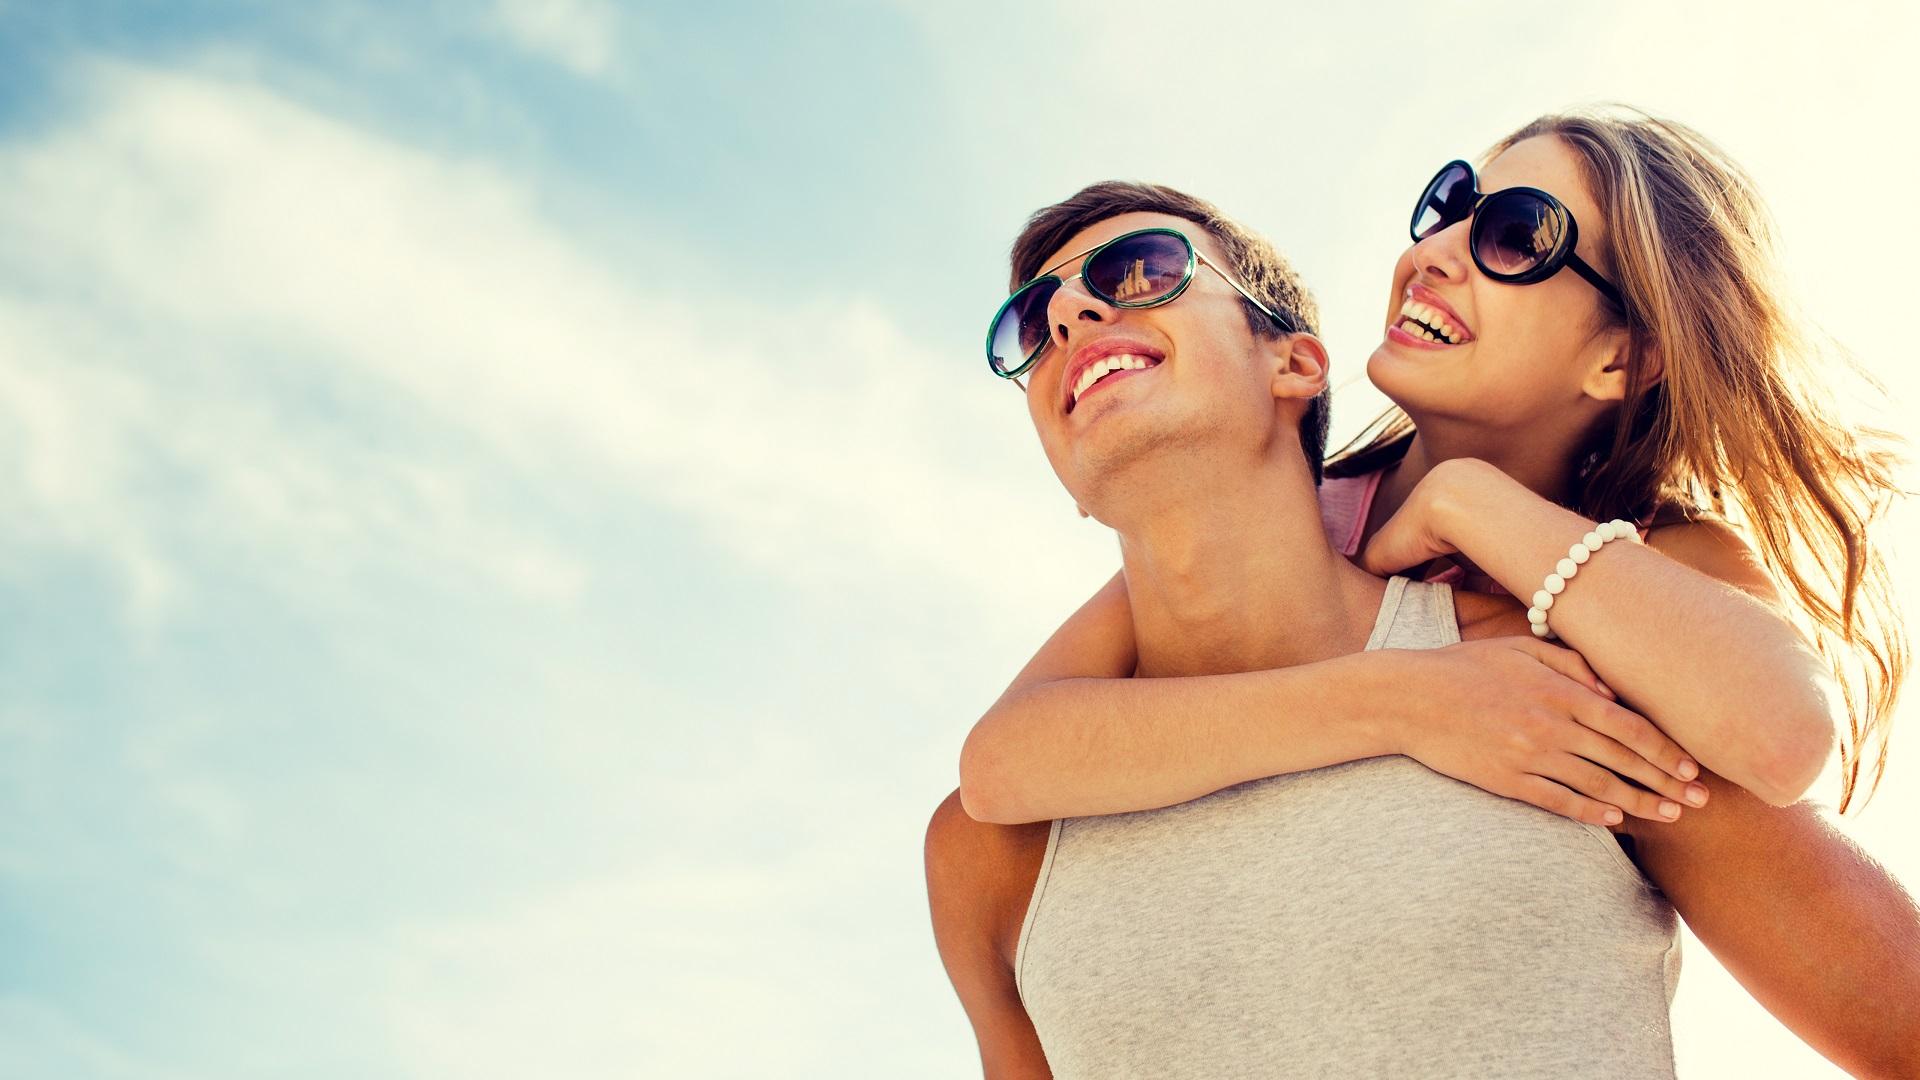 mujer-con-lentes-oscuros-abrazando-por-la-espalda-a-hombre-con-lentes-similares